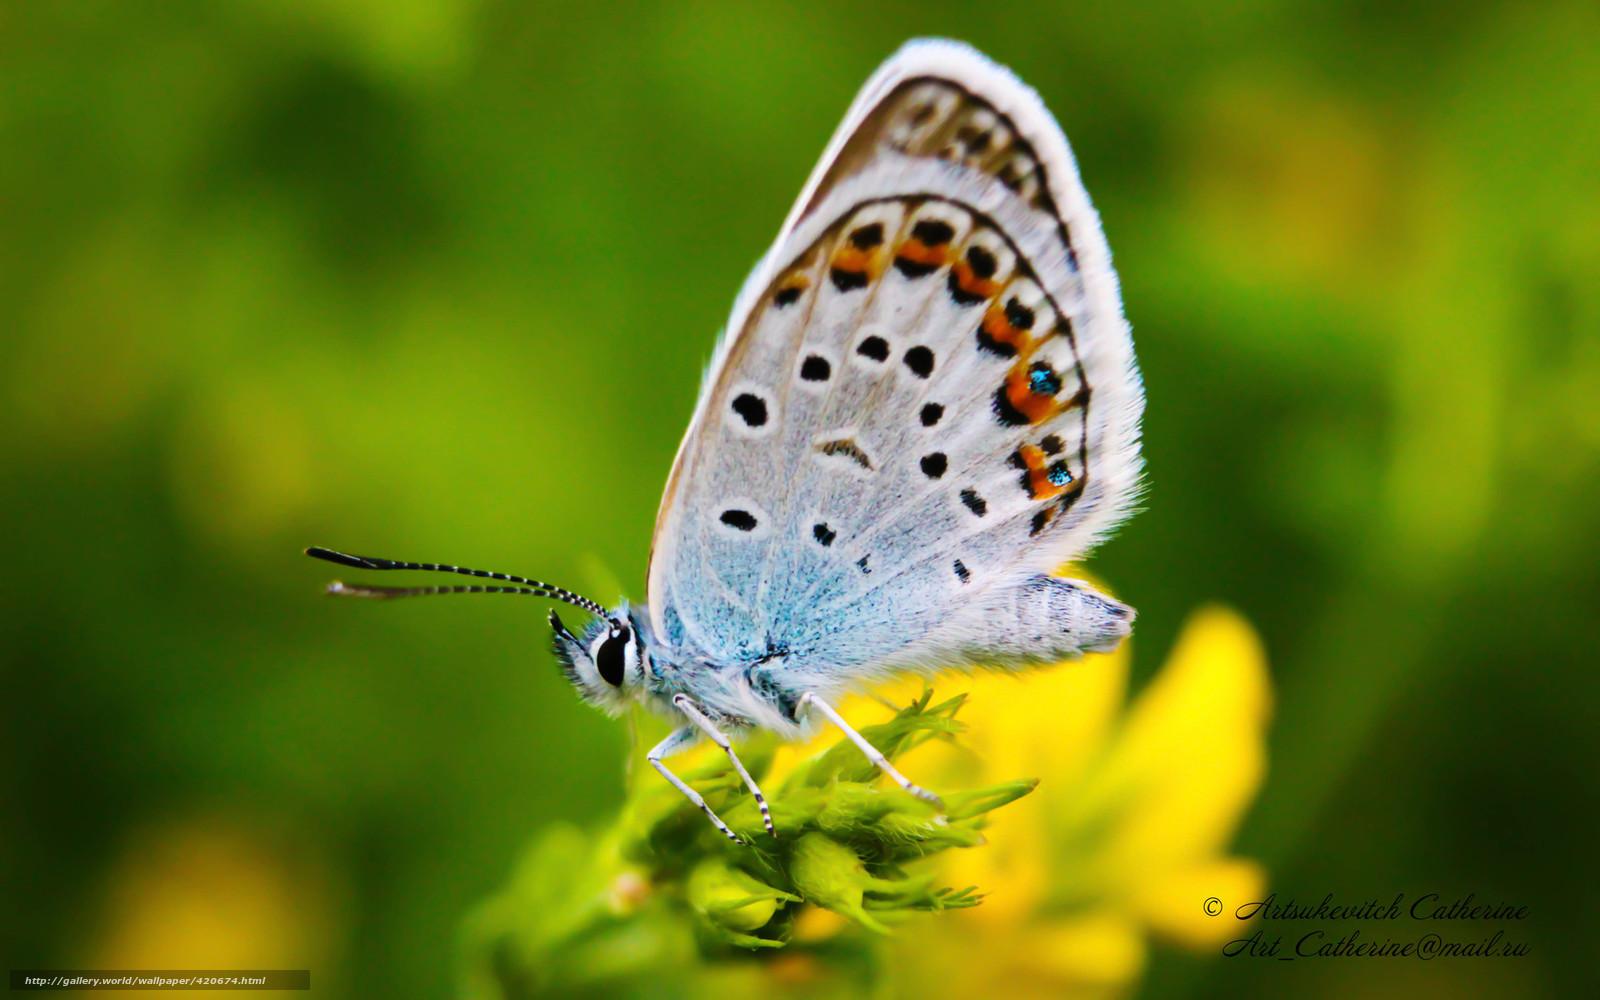 Tlcharger fond d 39 ecran papillon cuivre papillon marco for Fond ecran papillon